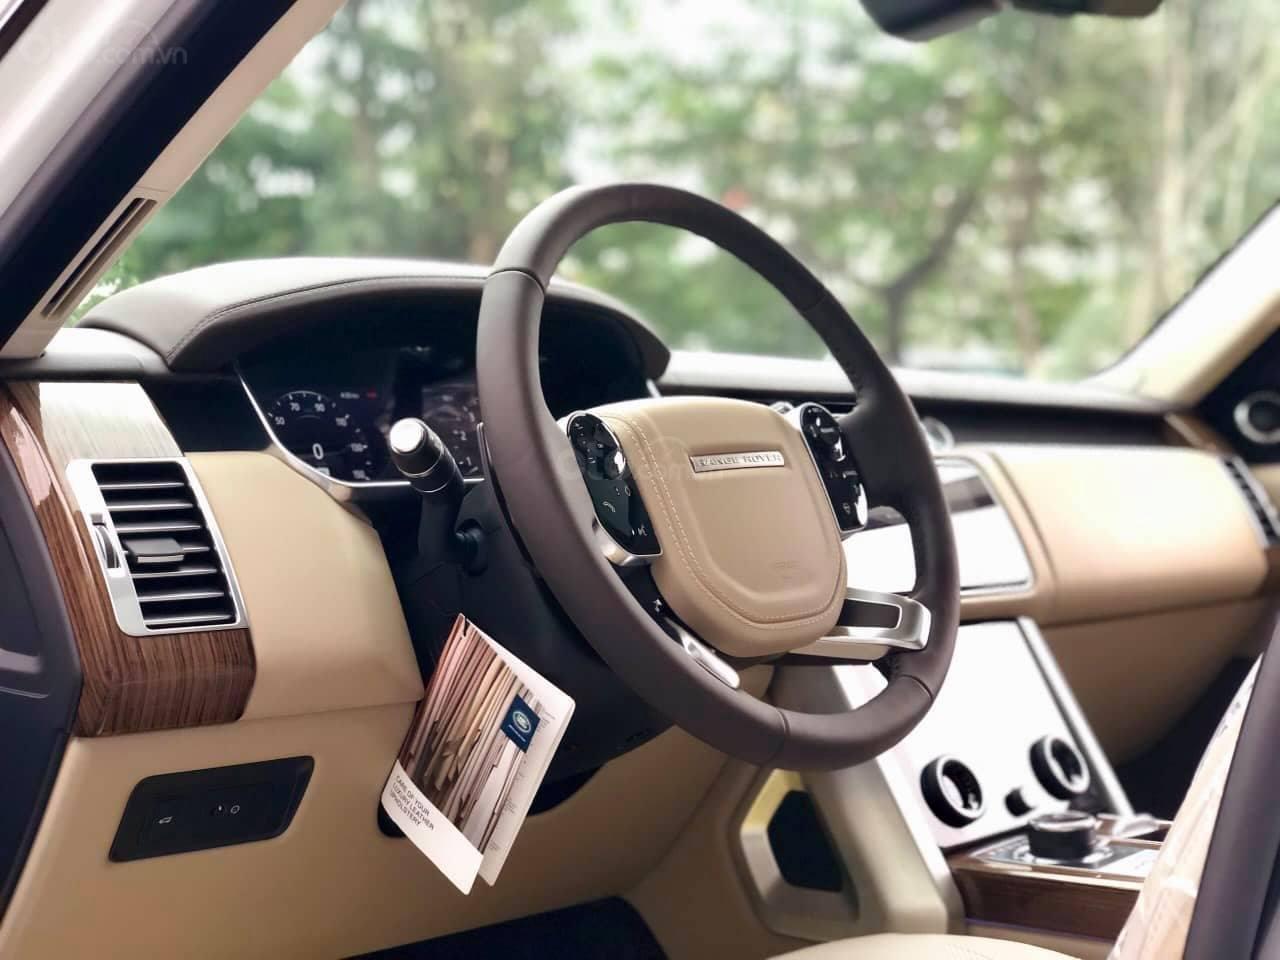 Bán ô tô LandRover Range Rover HSE đời 2018, màu trắng, nhập khẩu nguyên chiếc, LH 0905098888 - 0982.84.2838 (12)